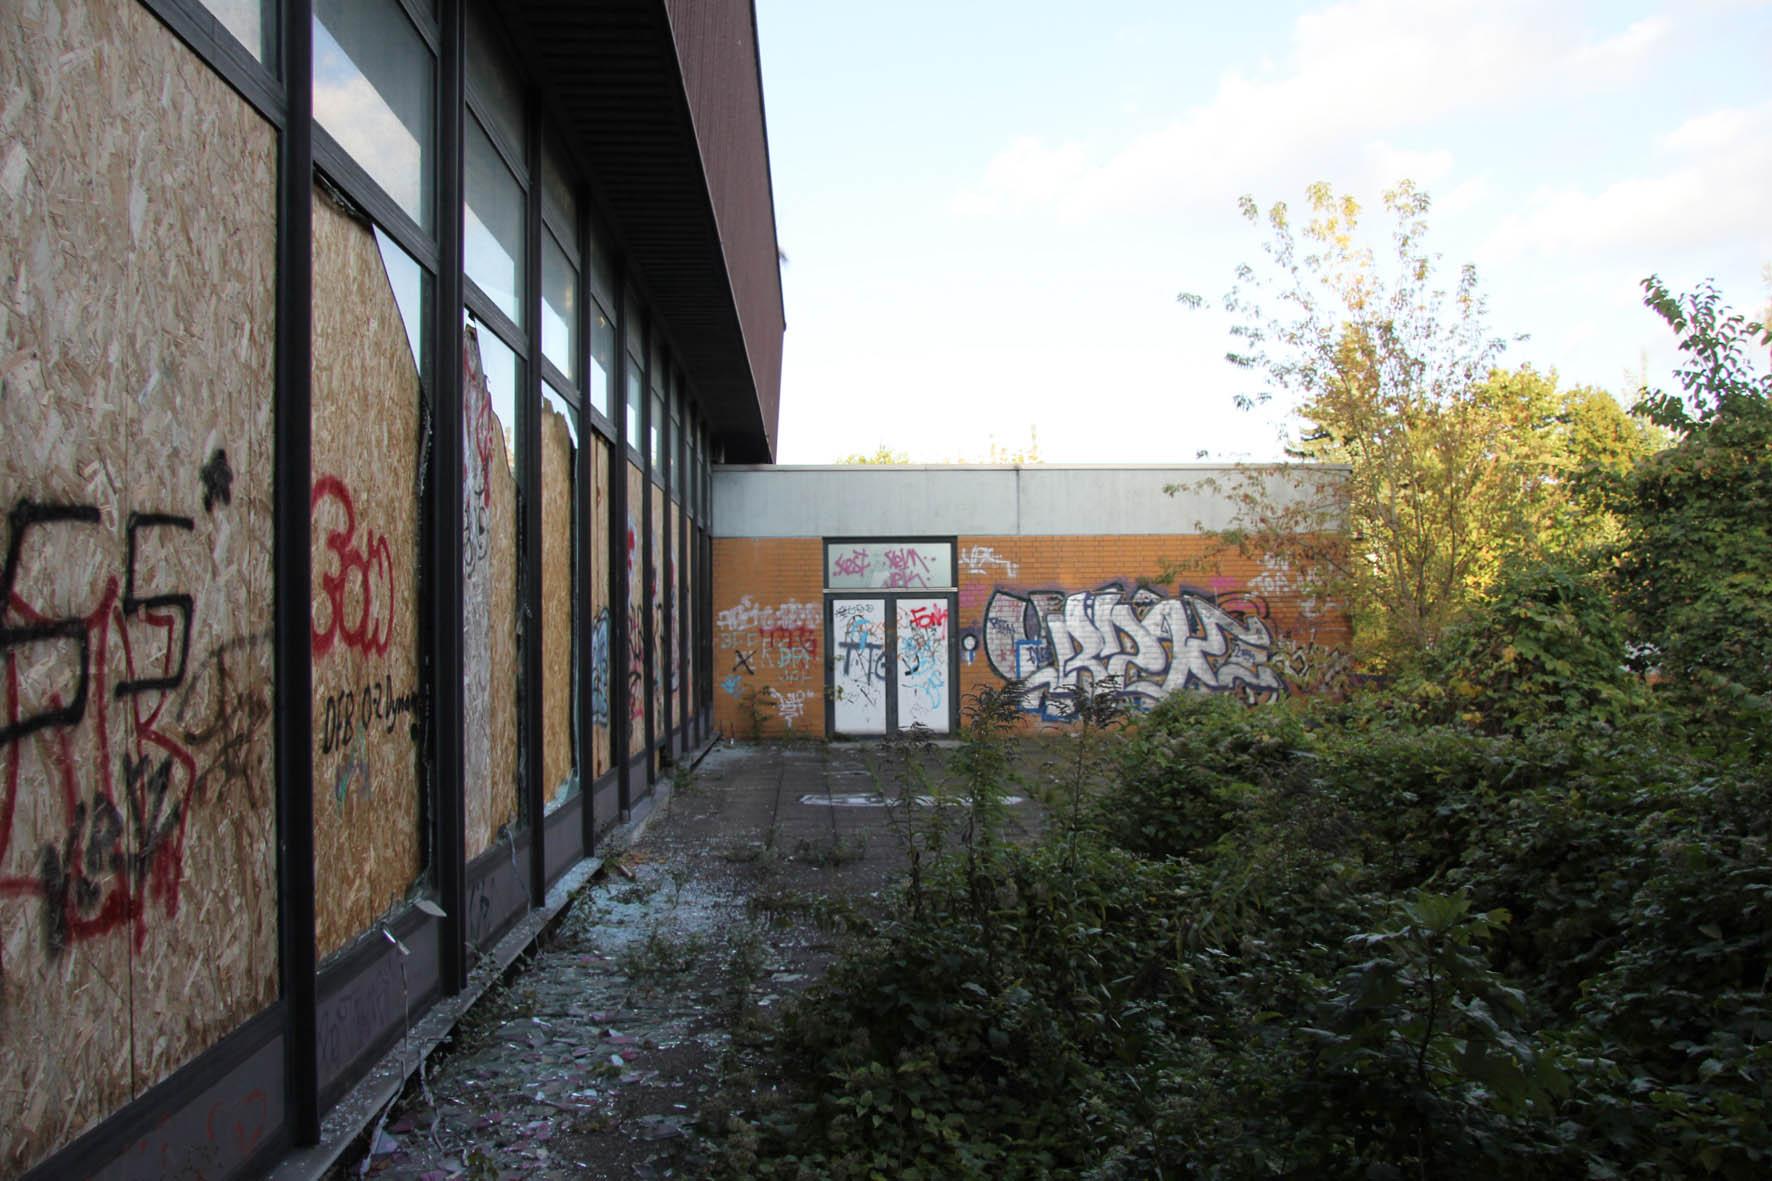 Außenfläche am Franzosenbad Berlin - Ein verlassenes Schwimmbad in der Cité Foch, ehemals Heimat der französischen Alliierten, die nach dem Zweiten Weltkrieg in Berlin stationiert waren